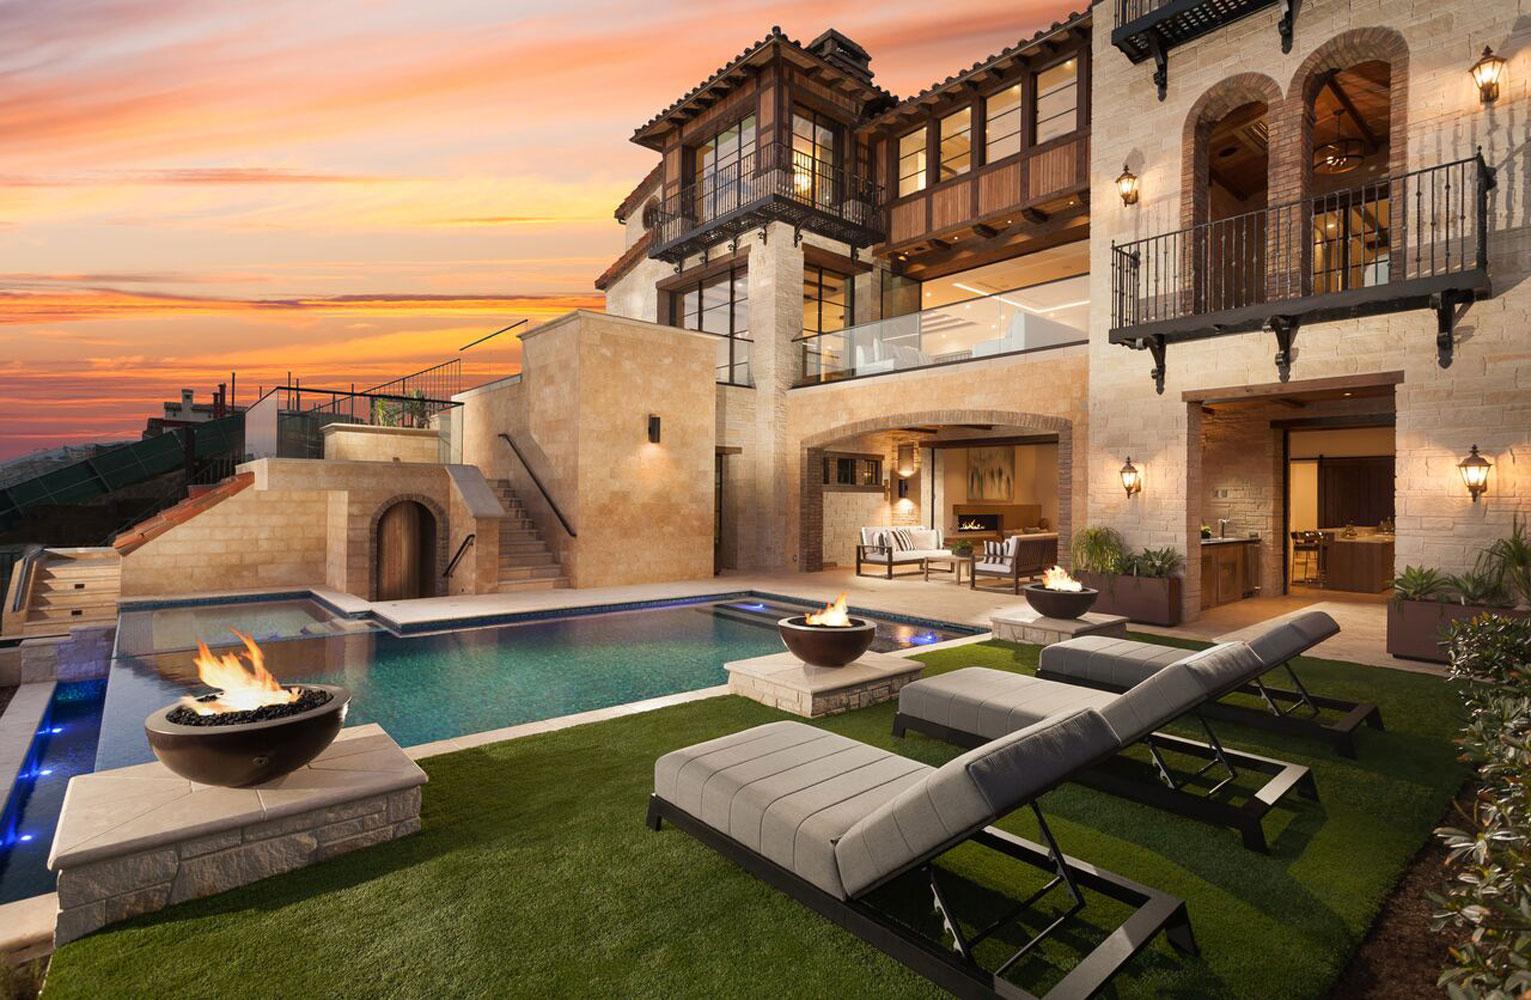 dana-point-backyard-house.jpg